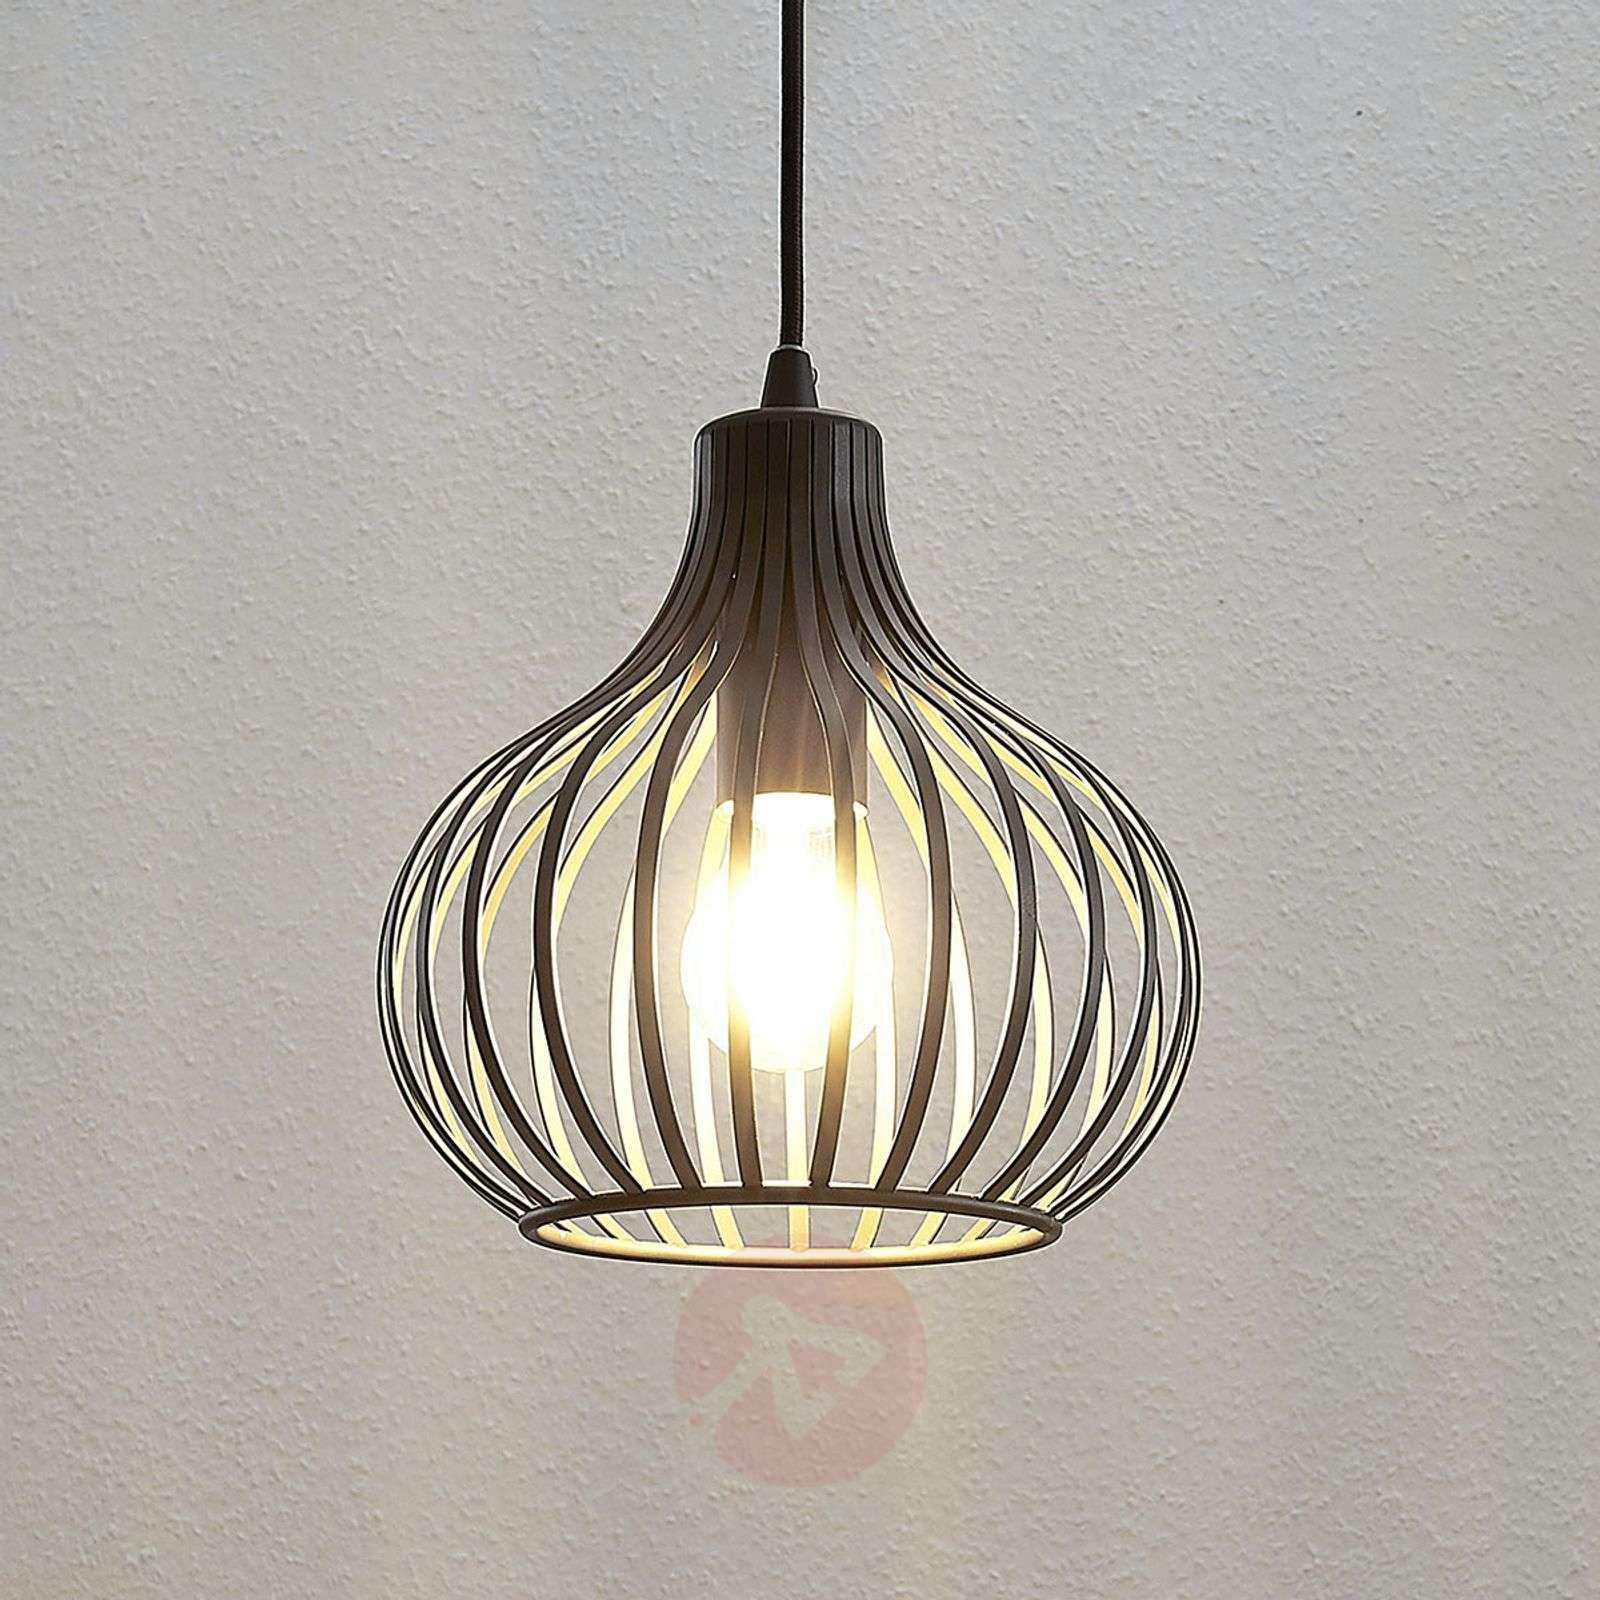 Riippuvalaisin Frances, ruskea, 1-lamppuinen 23 cm-9624133-01